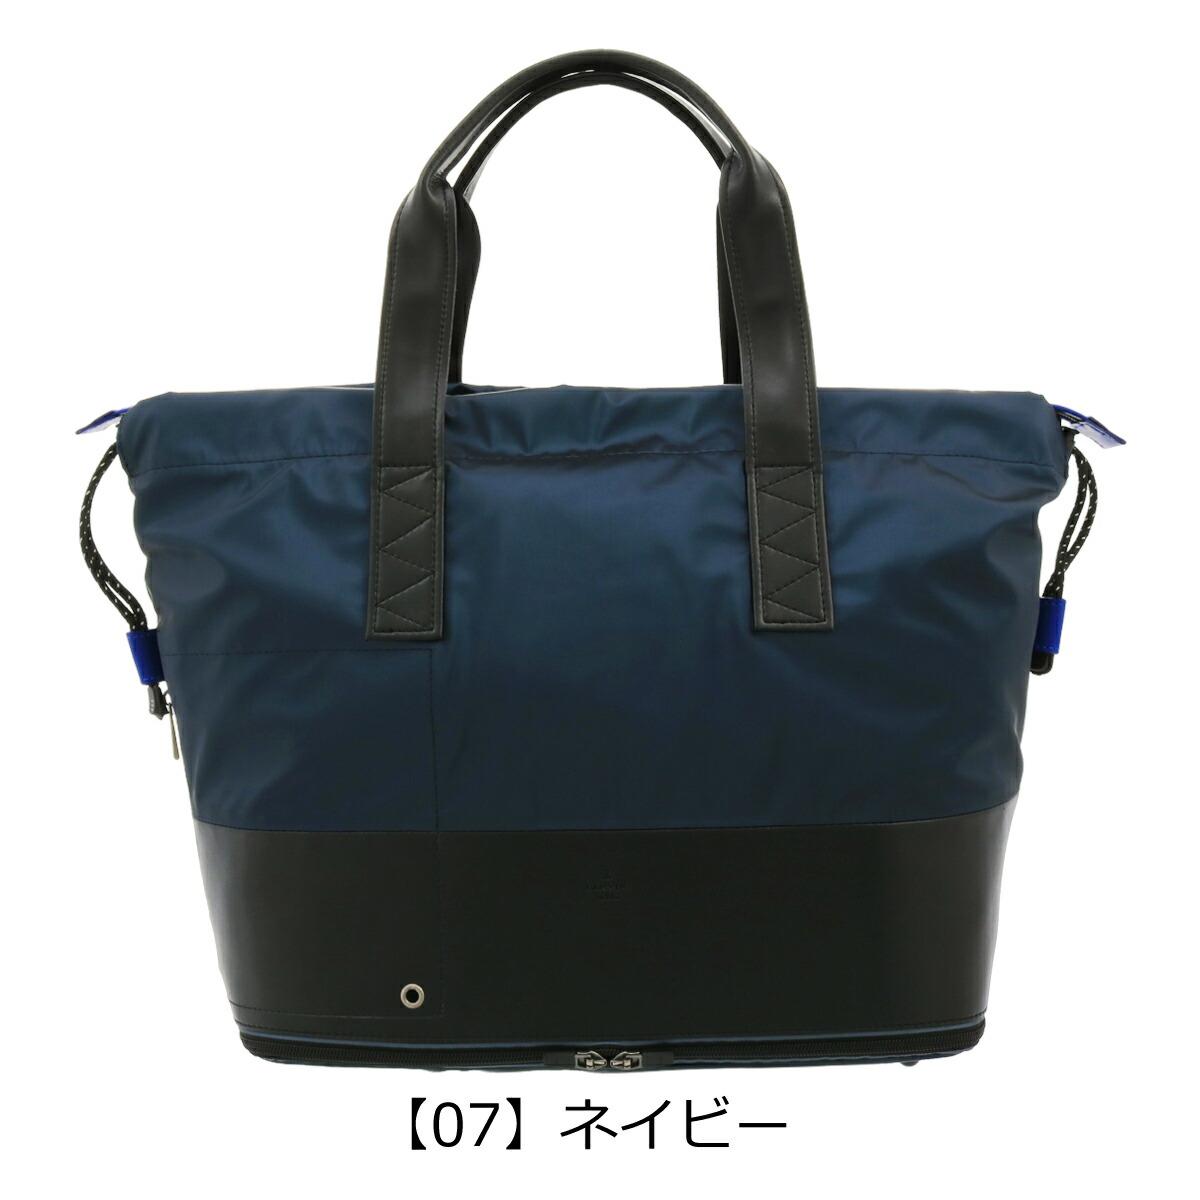 【07】ネイビー